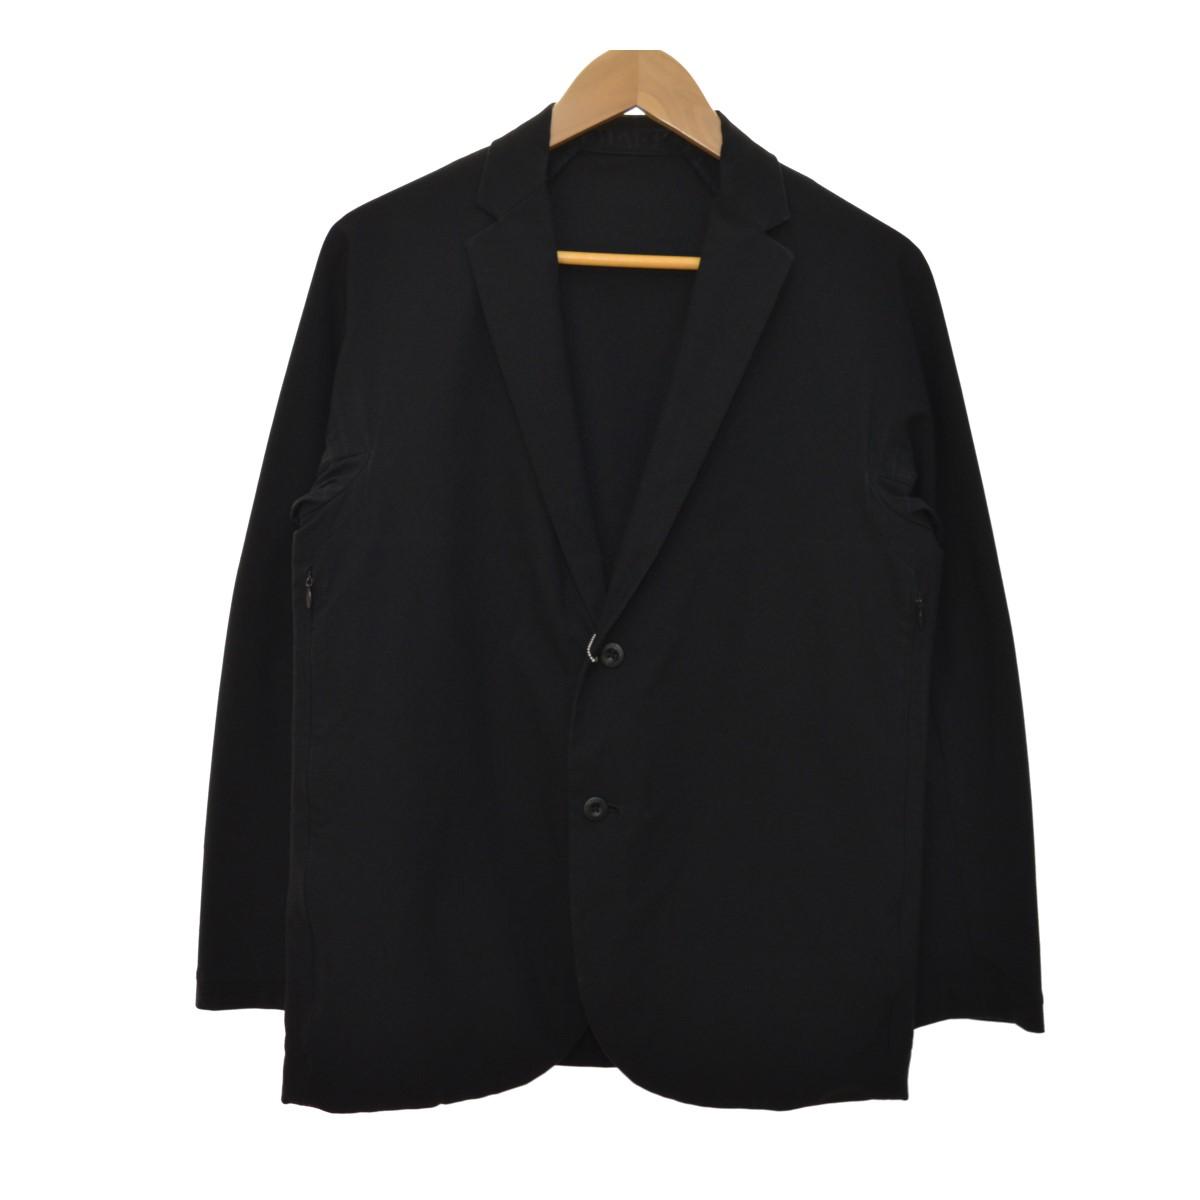 【中古】TEATORA Wallet JKT SM ウォレットジャケット ブラック サイズ:46 【070420】(テアトラ)